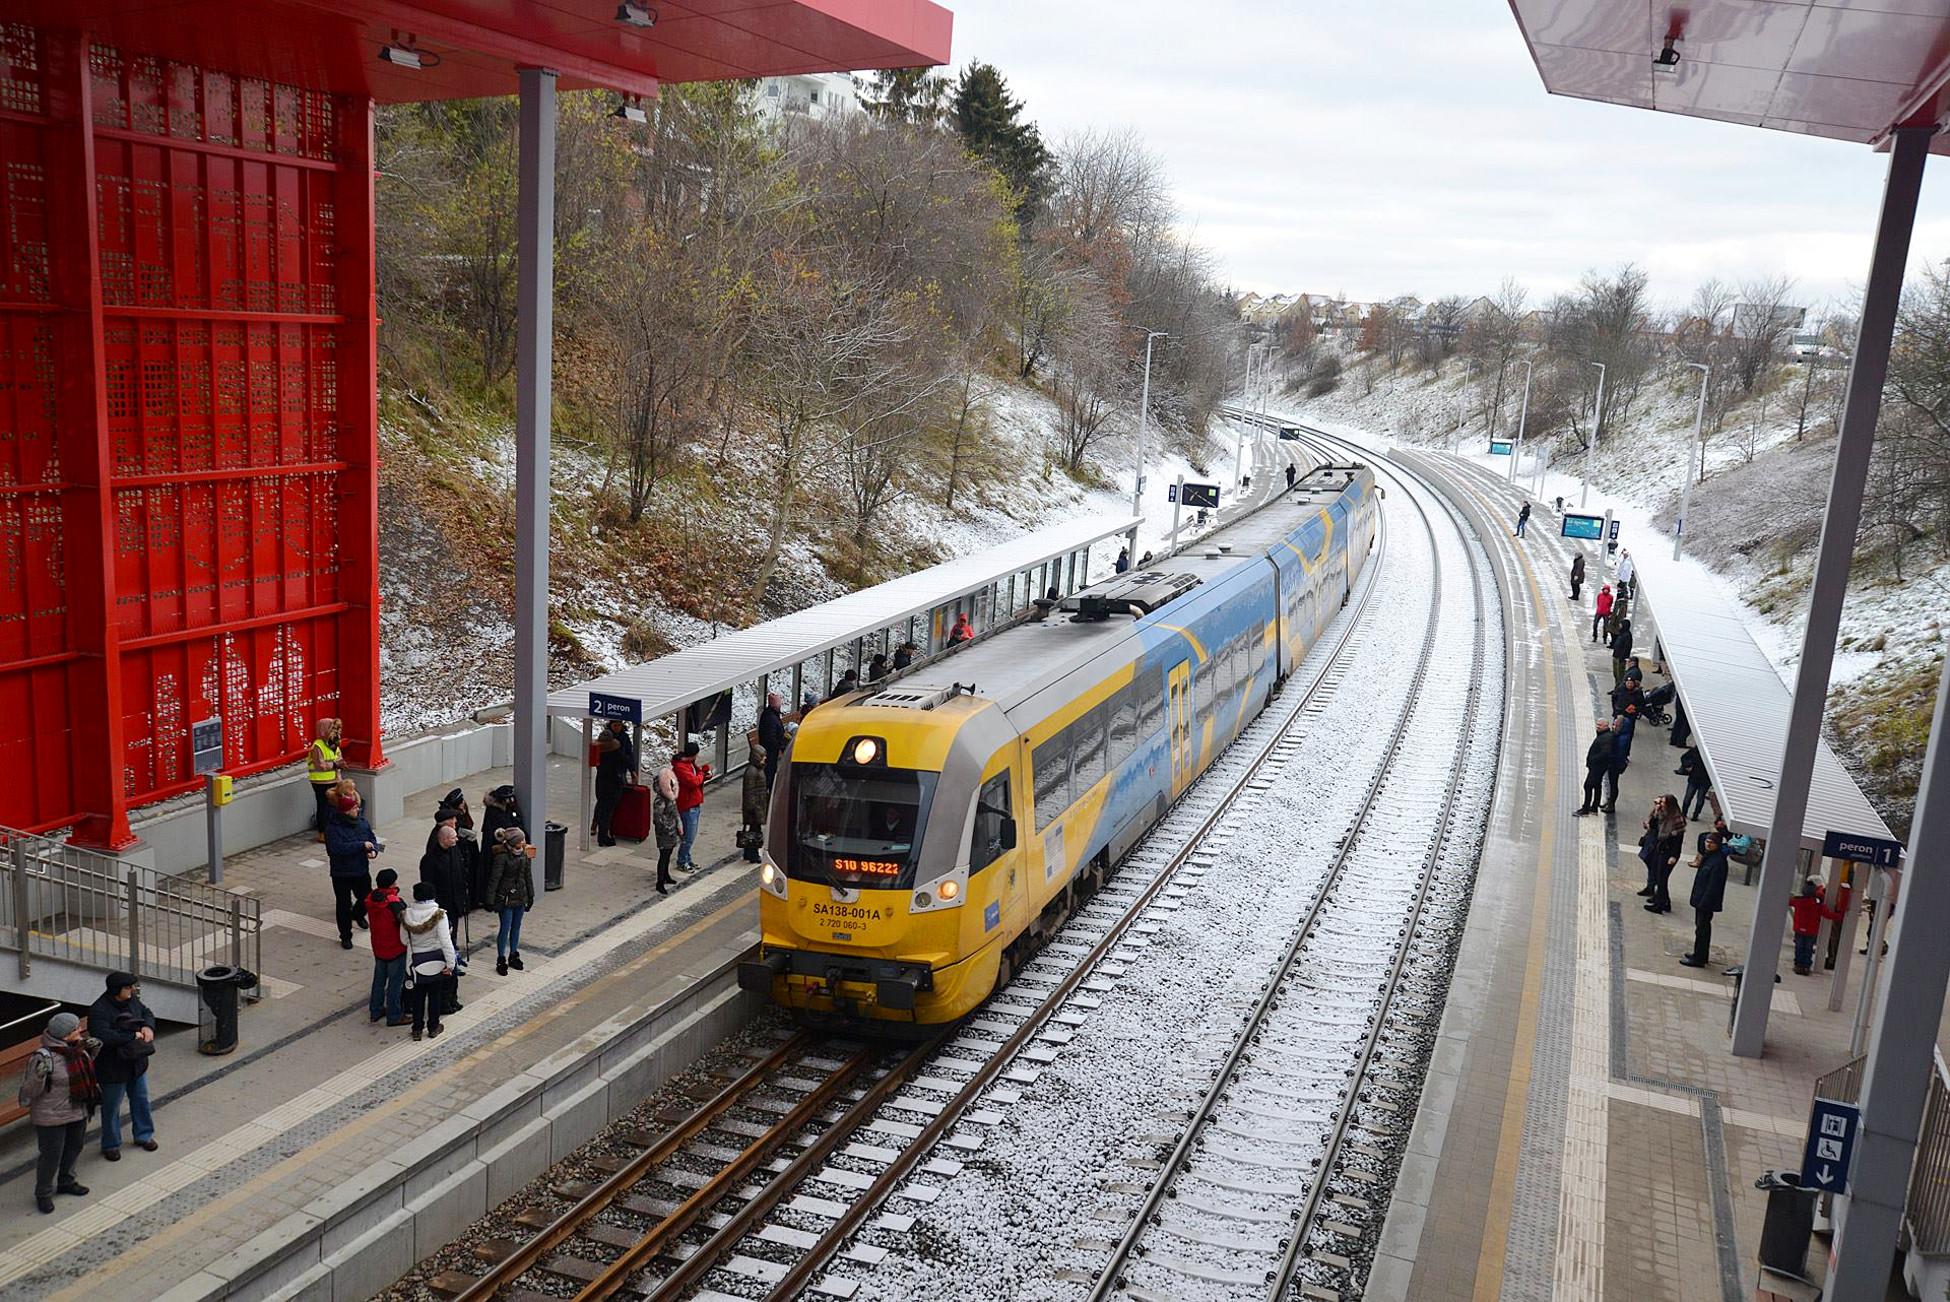 Coraz więcej pasażerów na linii Pomorskiej Kolei Metropolitalnej. W 2017 roku pociągi przewiozły ponad 3 miliony osób